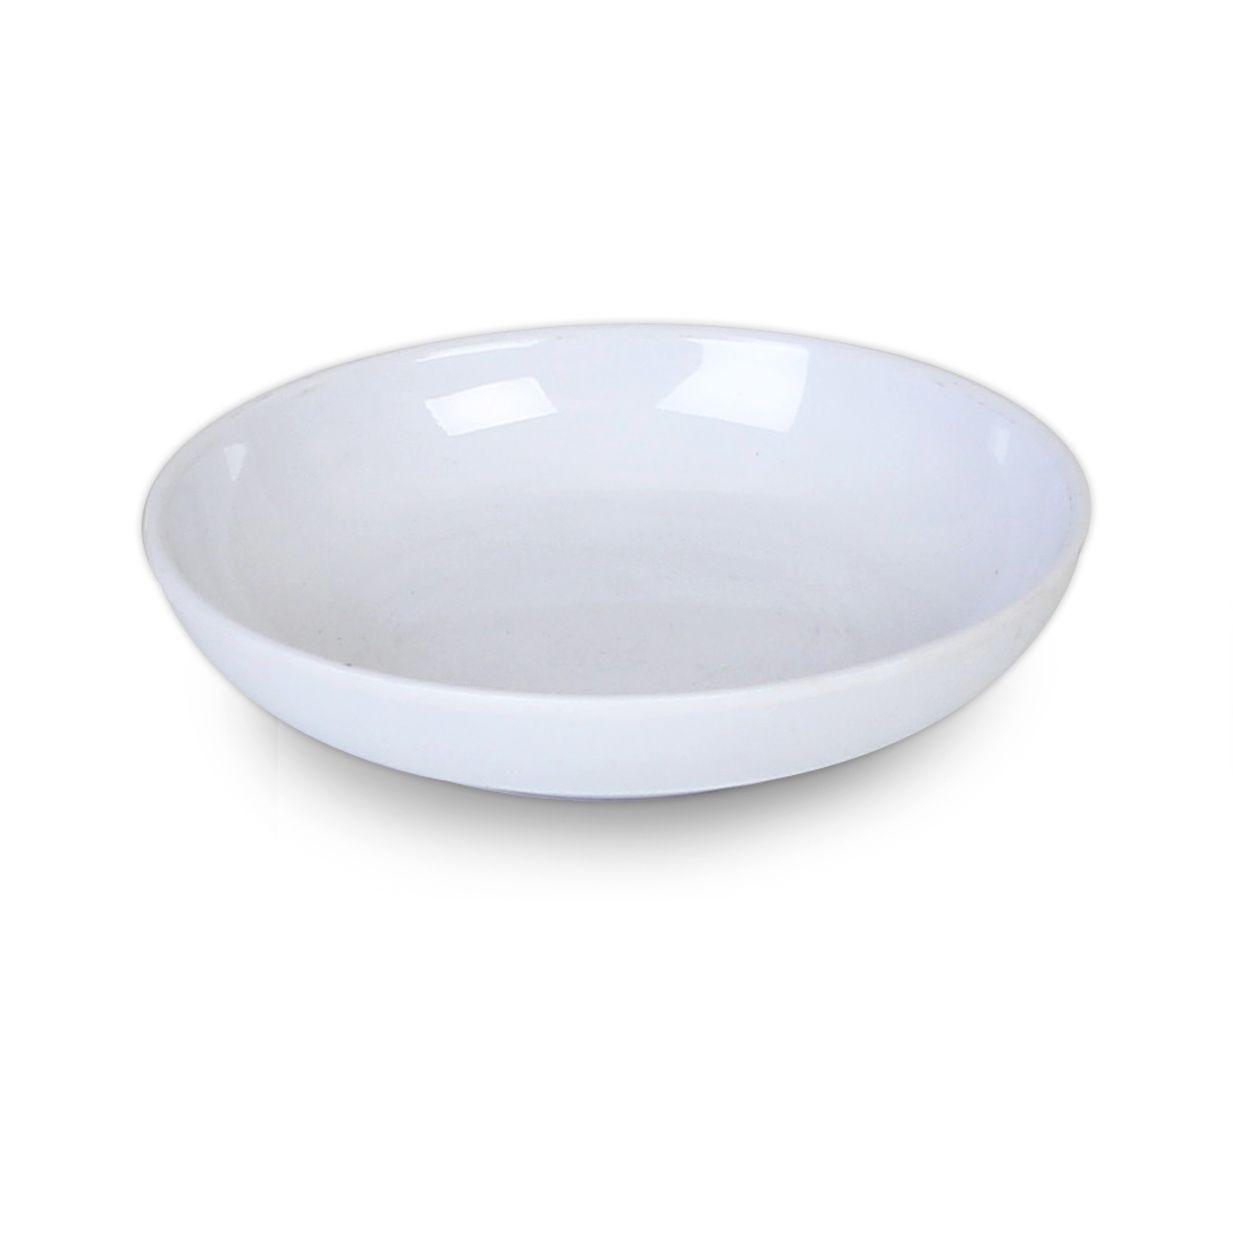 Imperial Melamine Plate, 4 Oz, 4-1/2